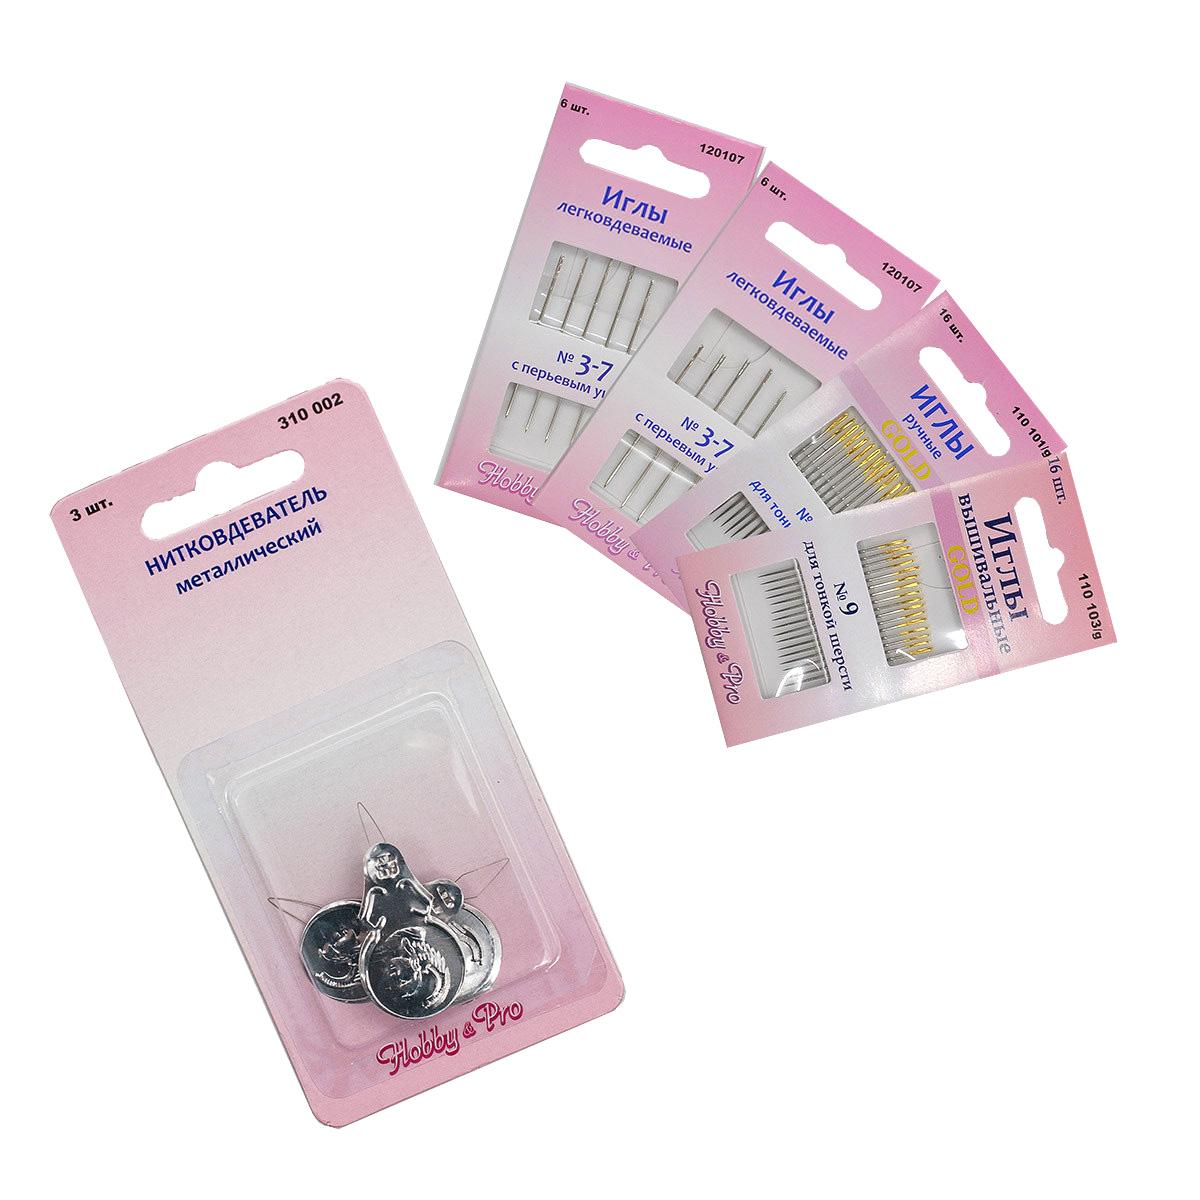 Набор швейных игл для слабовидящих с нитковдевателем, Hobby&Pro